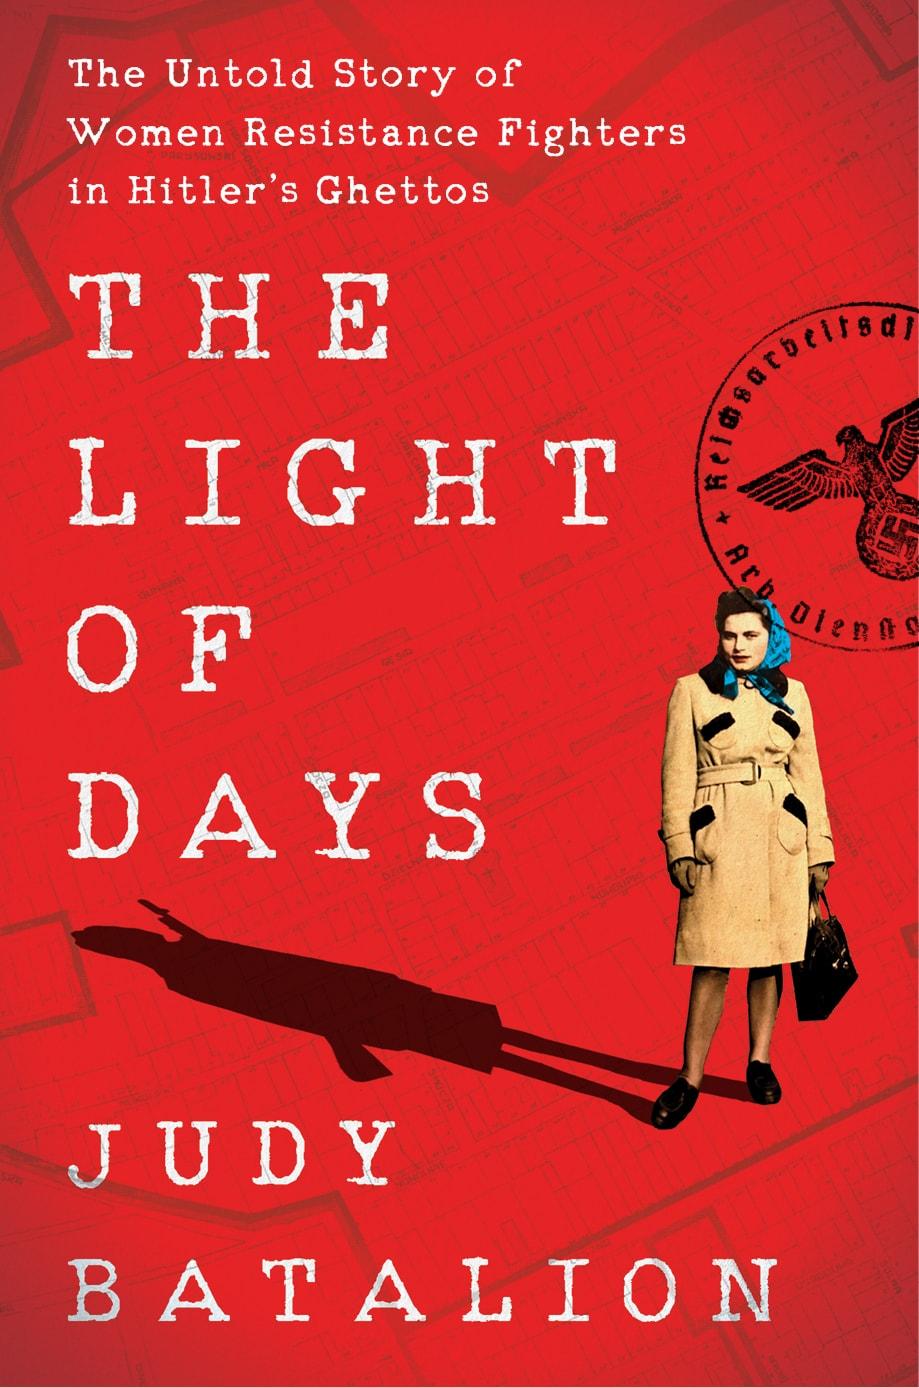 """עטיפת ספרה של של ג'ודי בטליון, """"אור הימים: הסיפור שלא סופר על לוחמות ההתנגדות בגטאות של היטלר"""""""